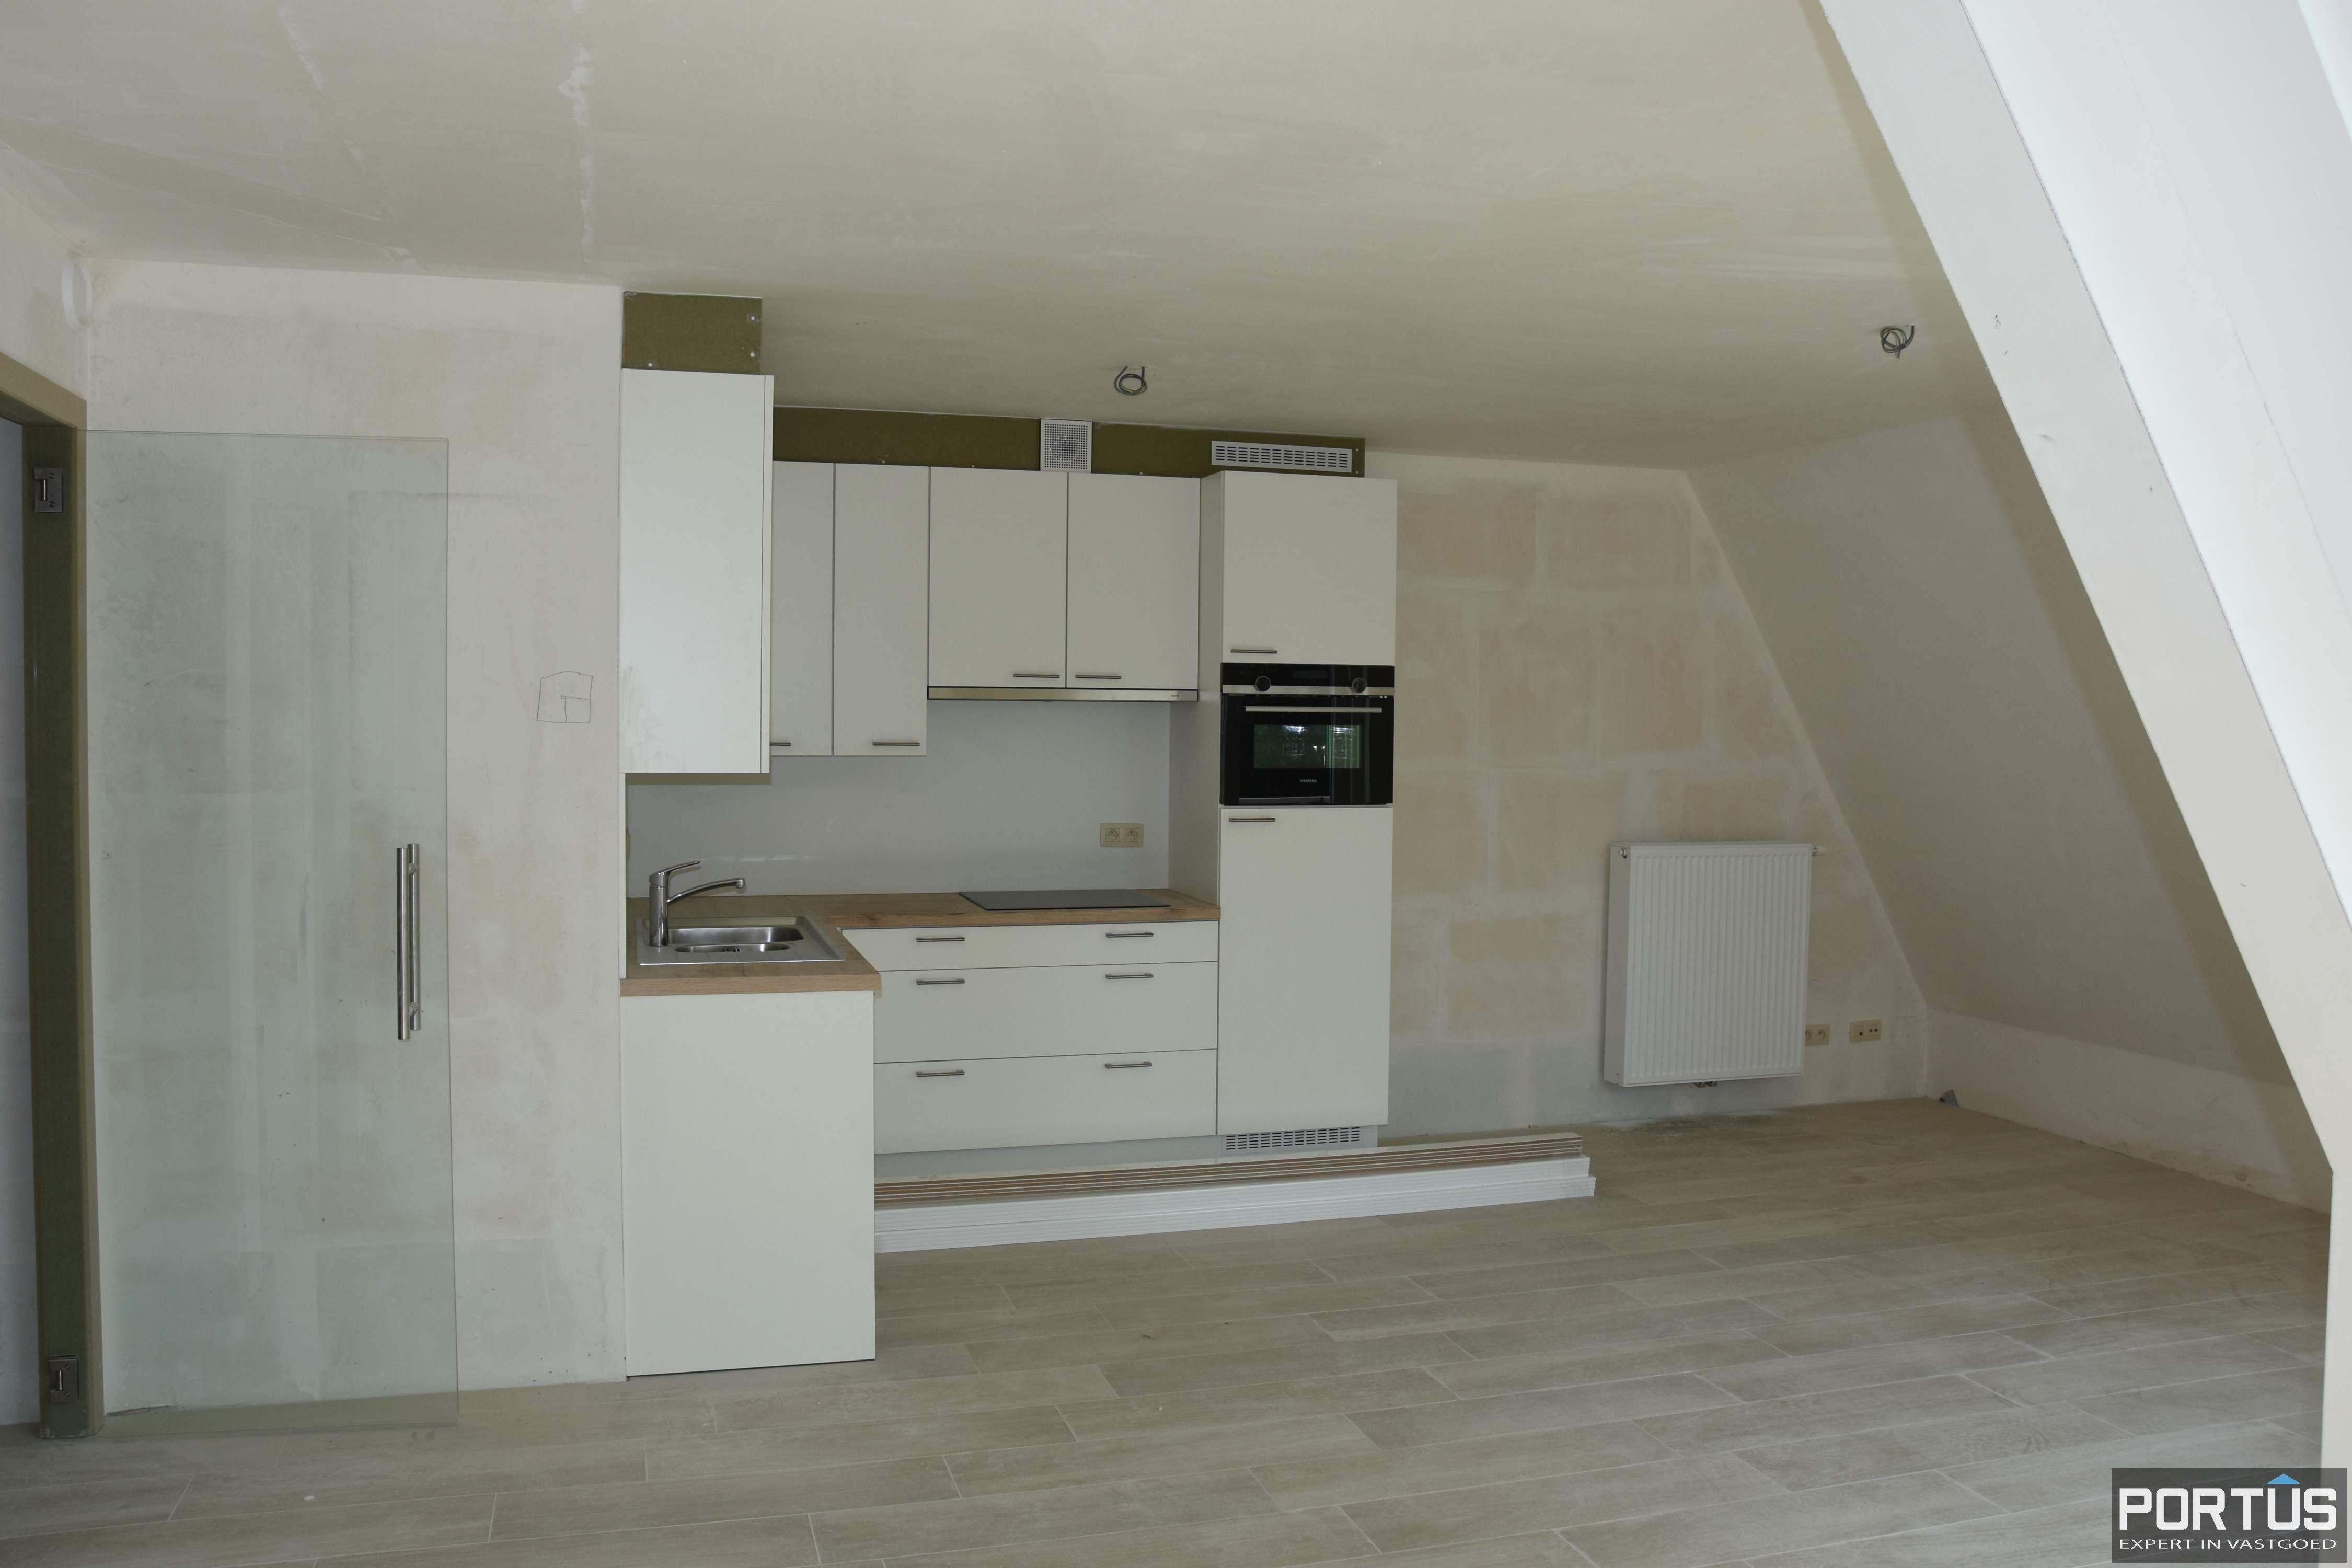 Appartement Residentie Villa Crombez Nieuwpoort - 8388